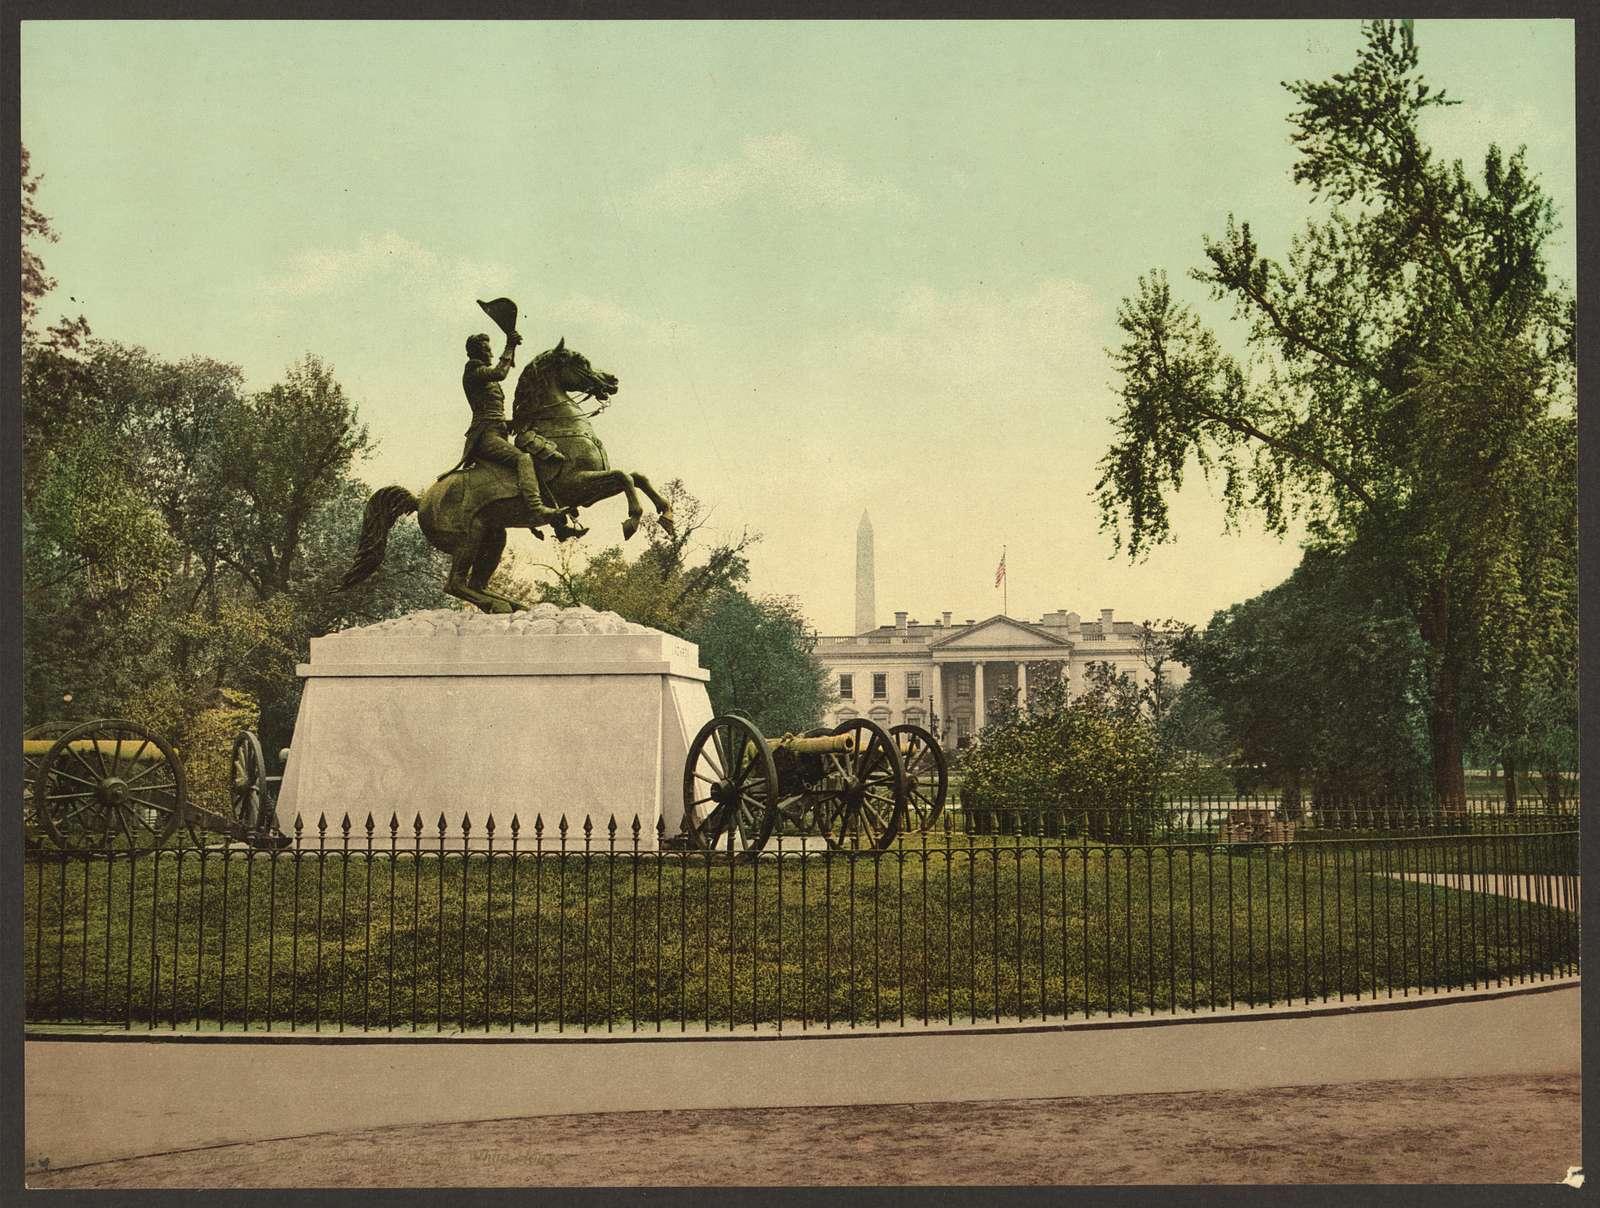 Washington. Jackson Monument and White House